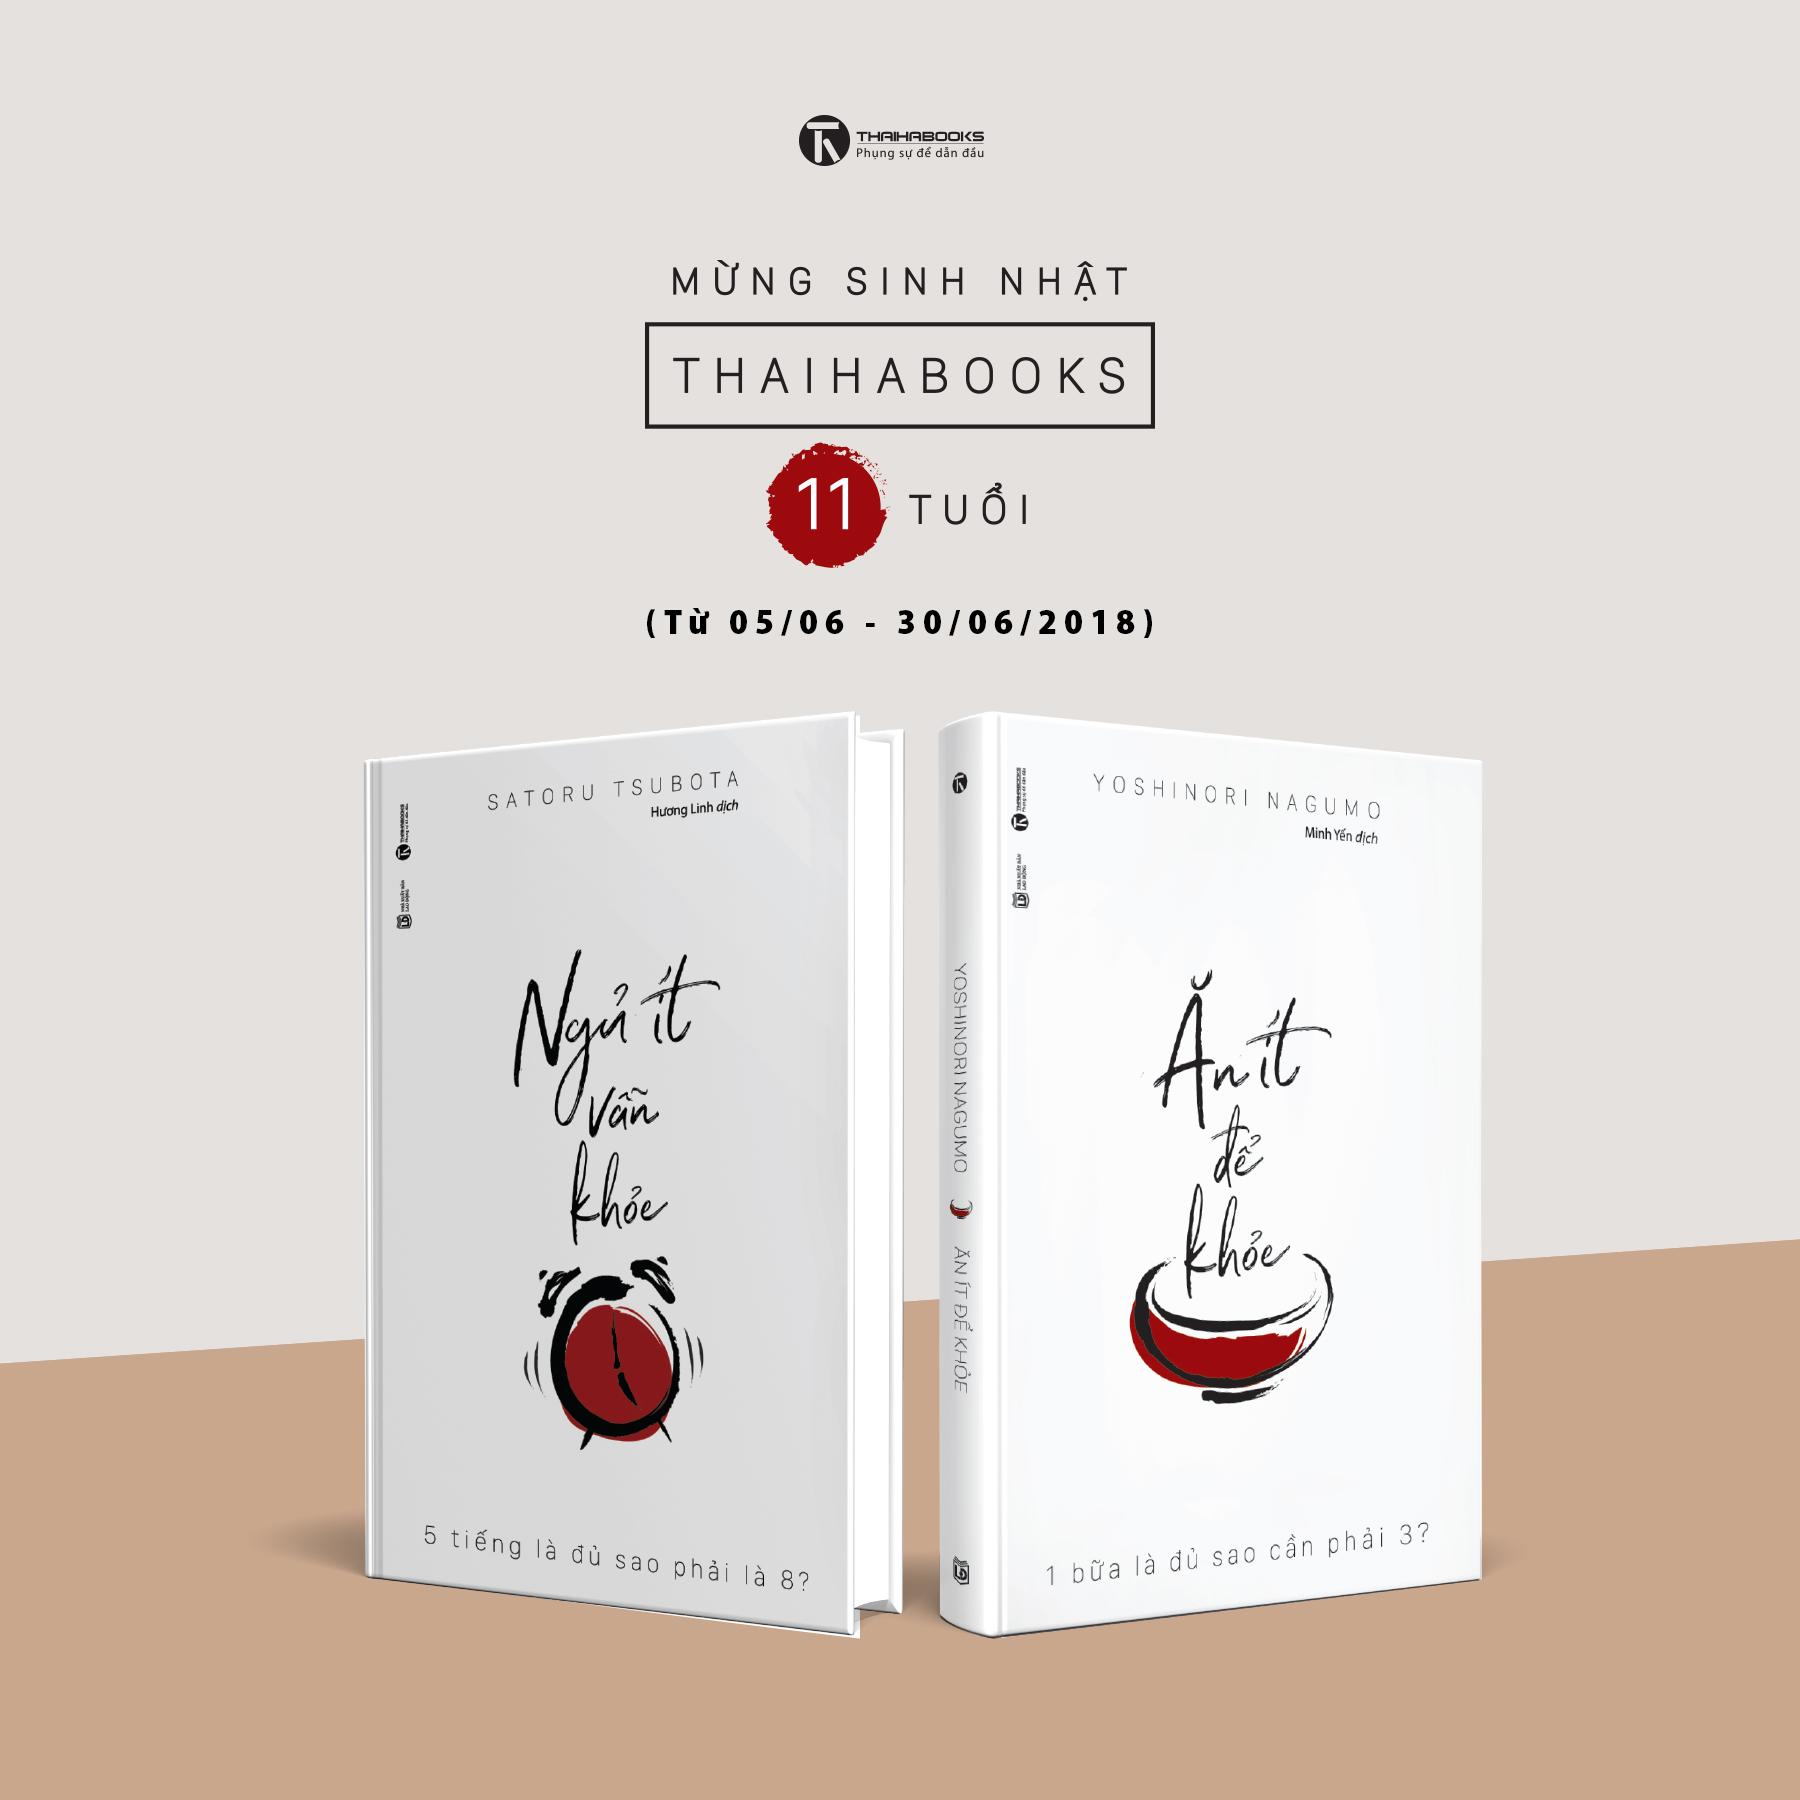 MỪNG SINH NHẬT THÁI HÀ BOOKS 11 TUỔI